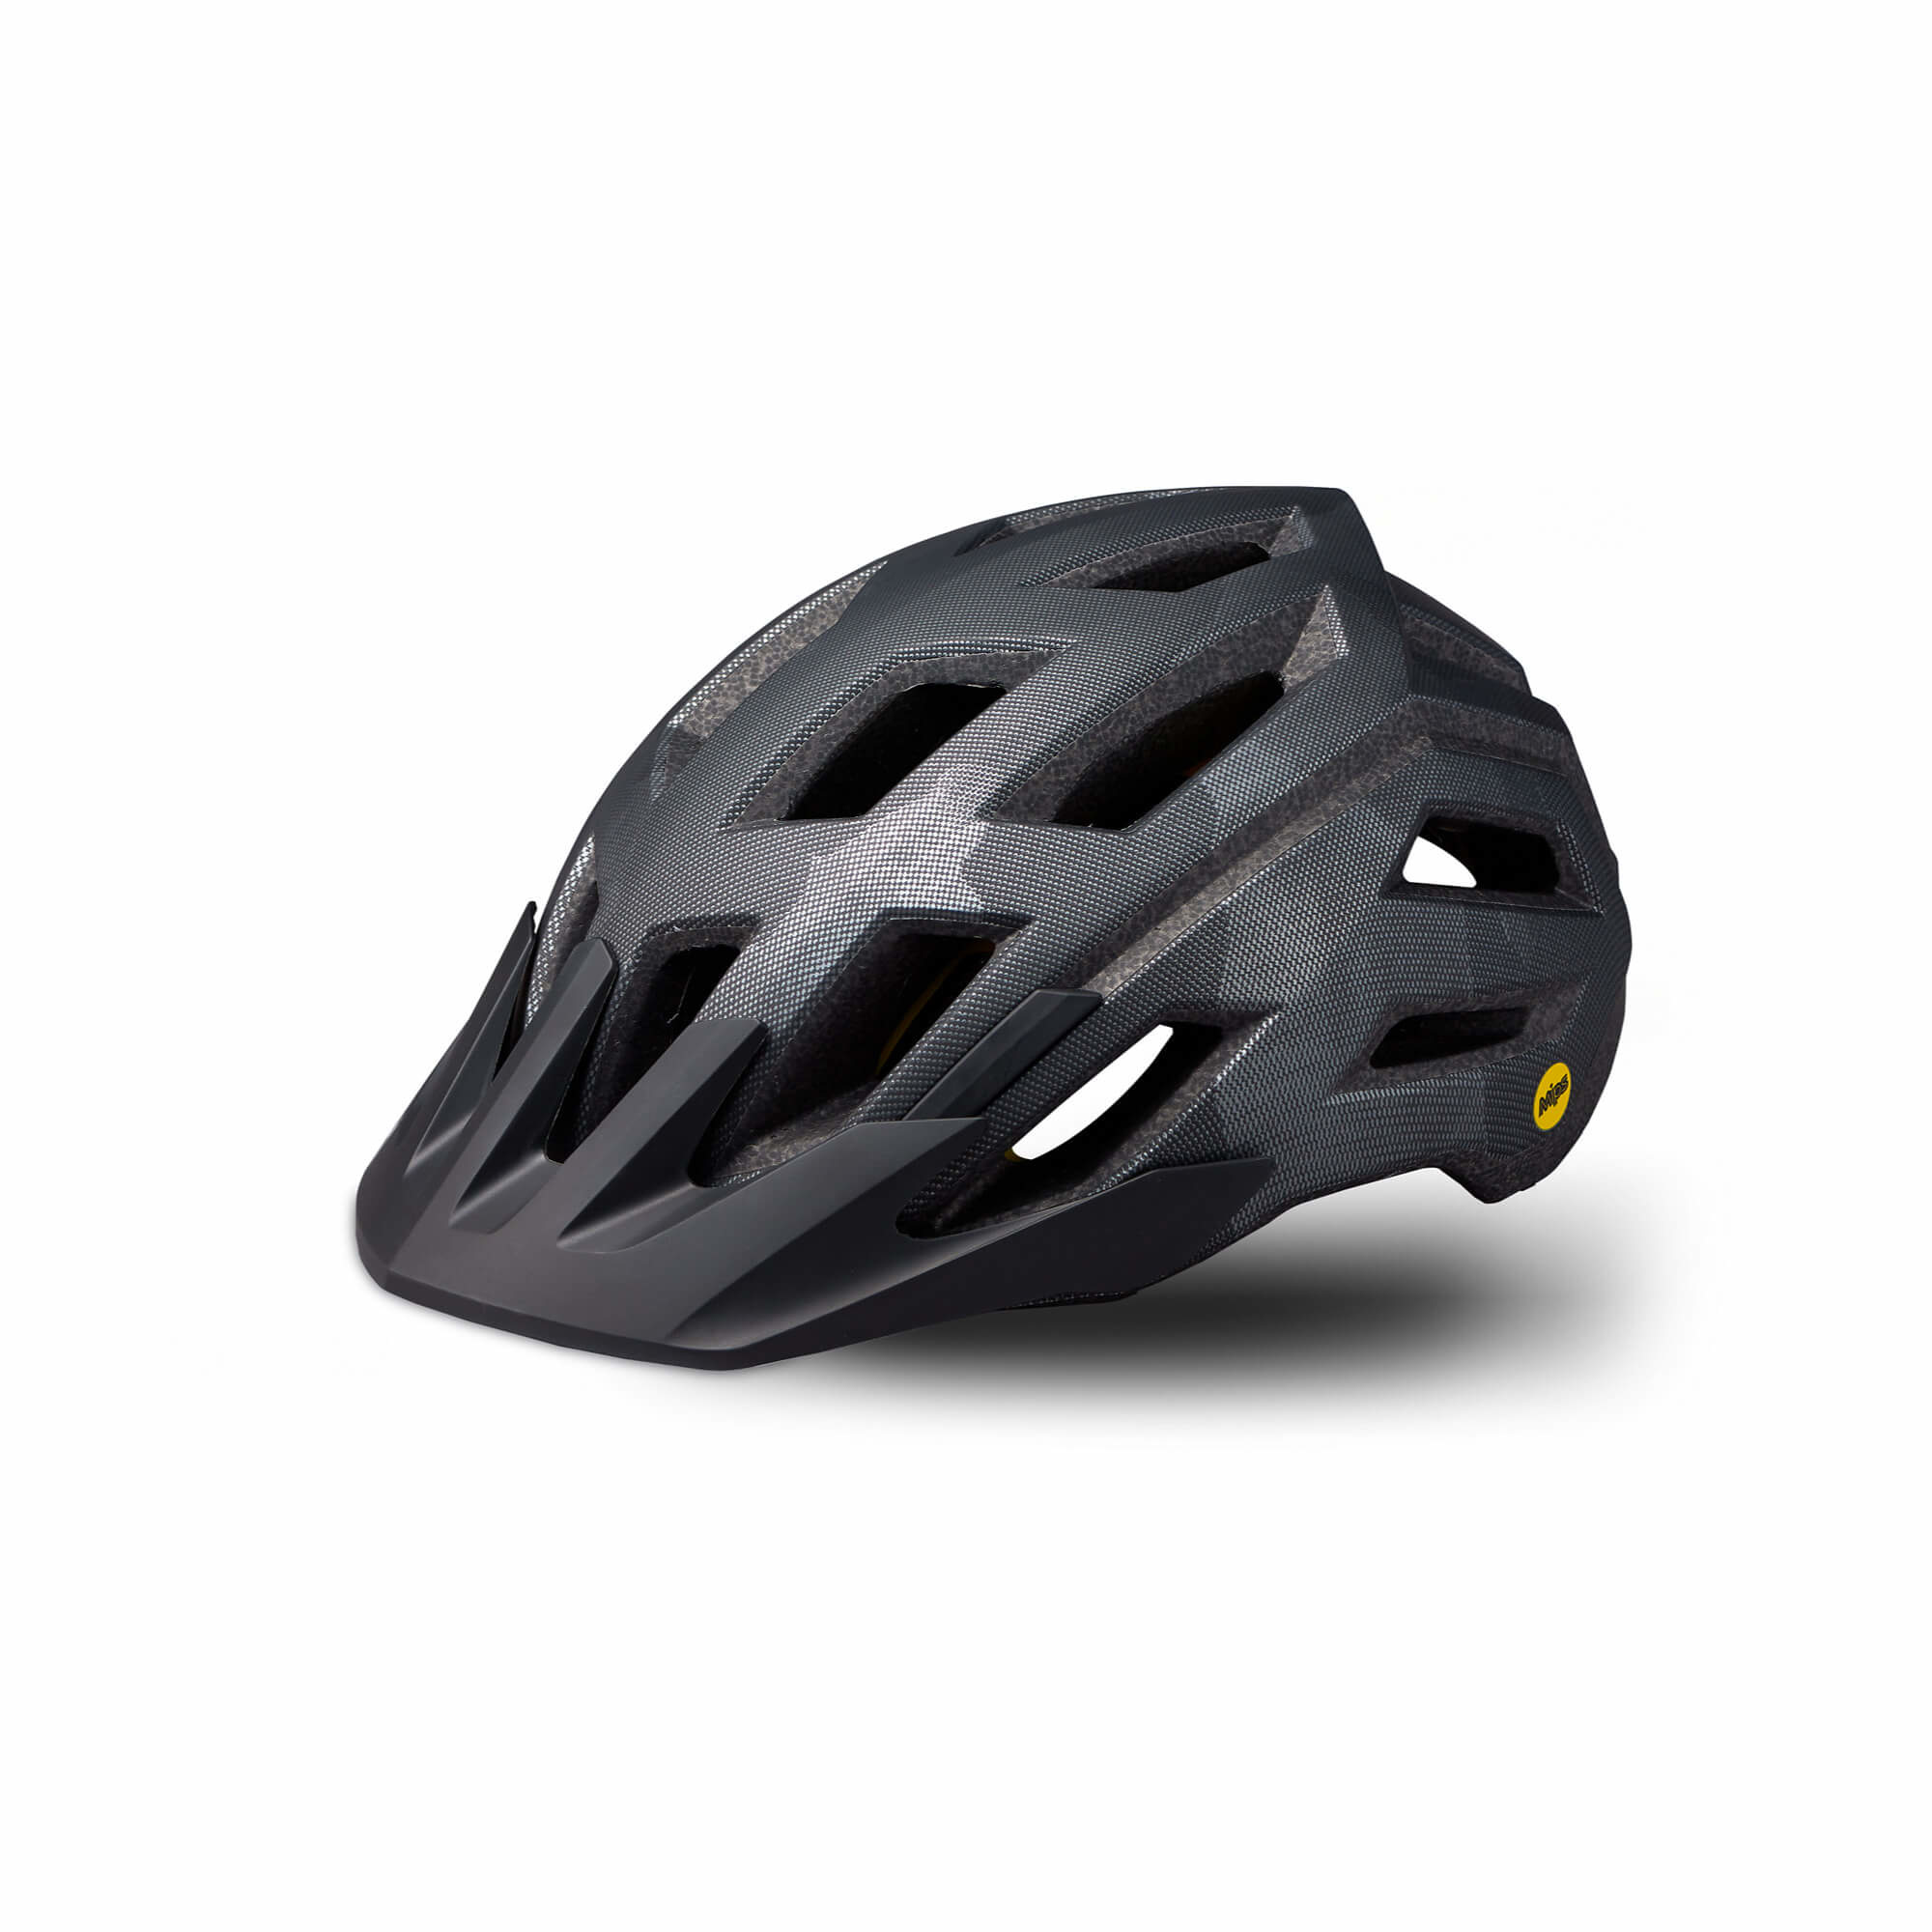 Tactic 3 Helmet Mips-9